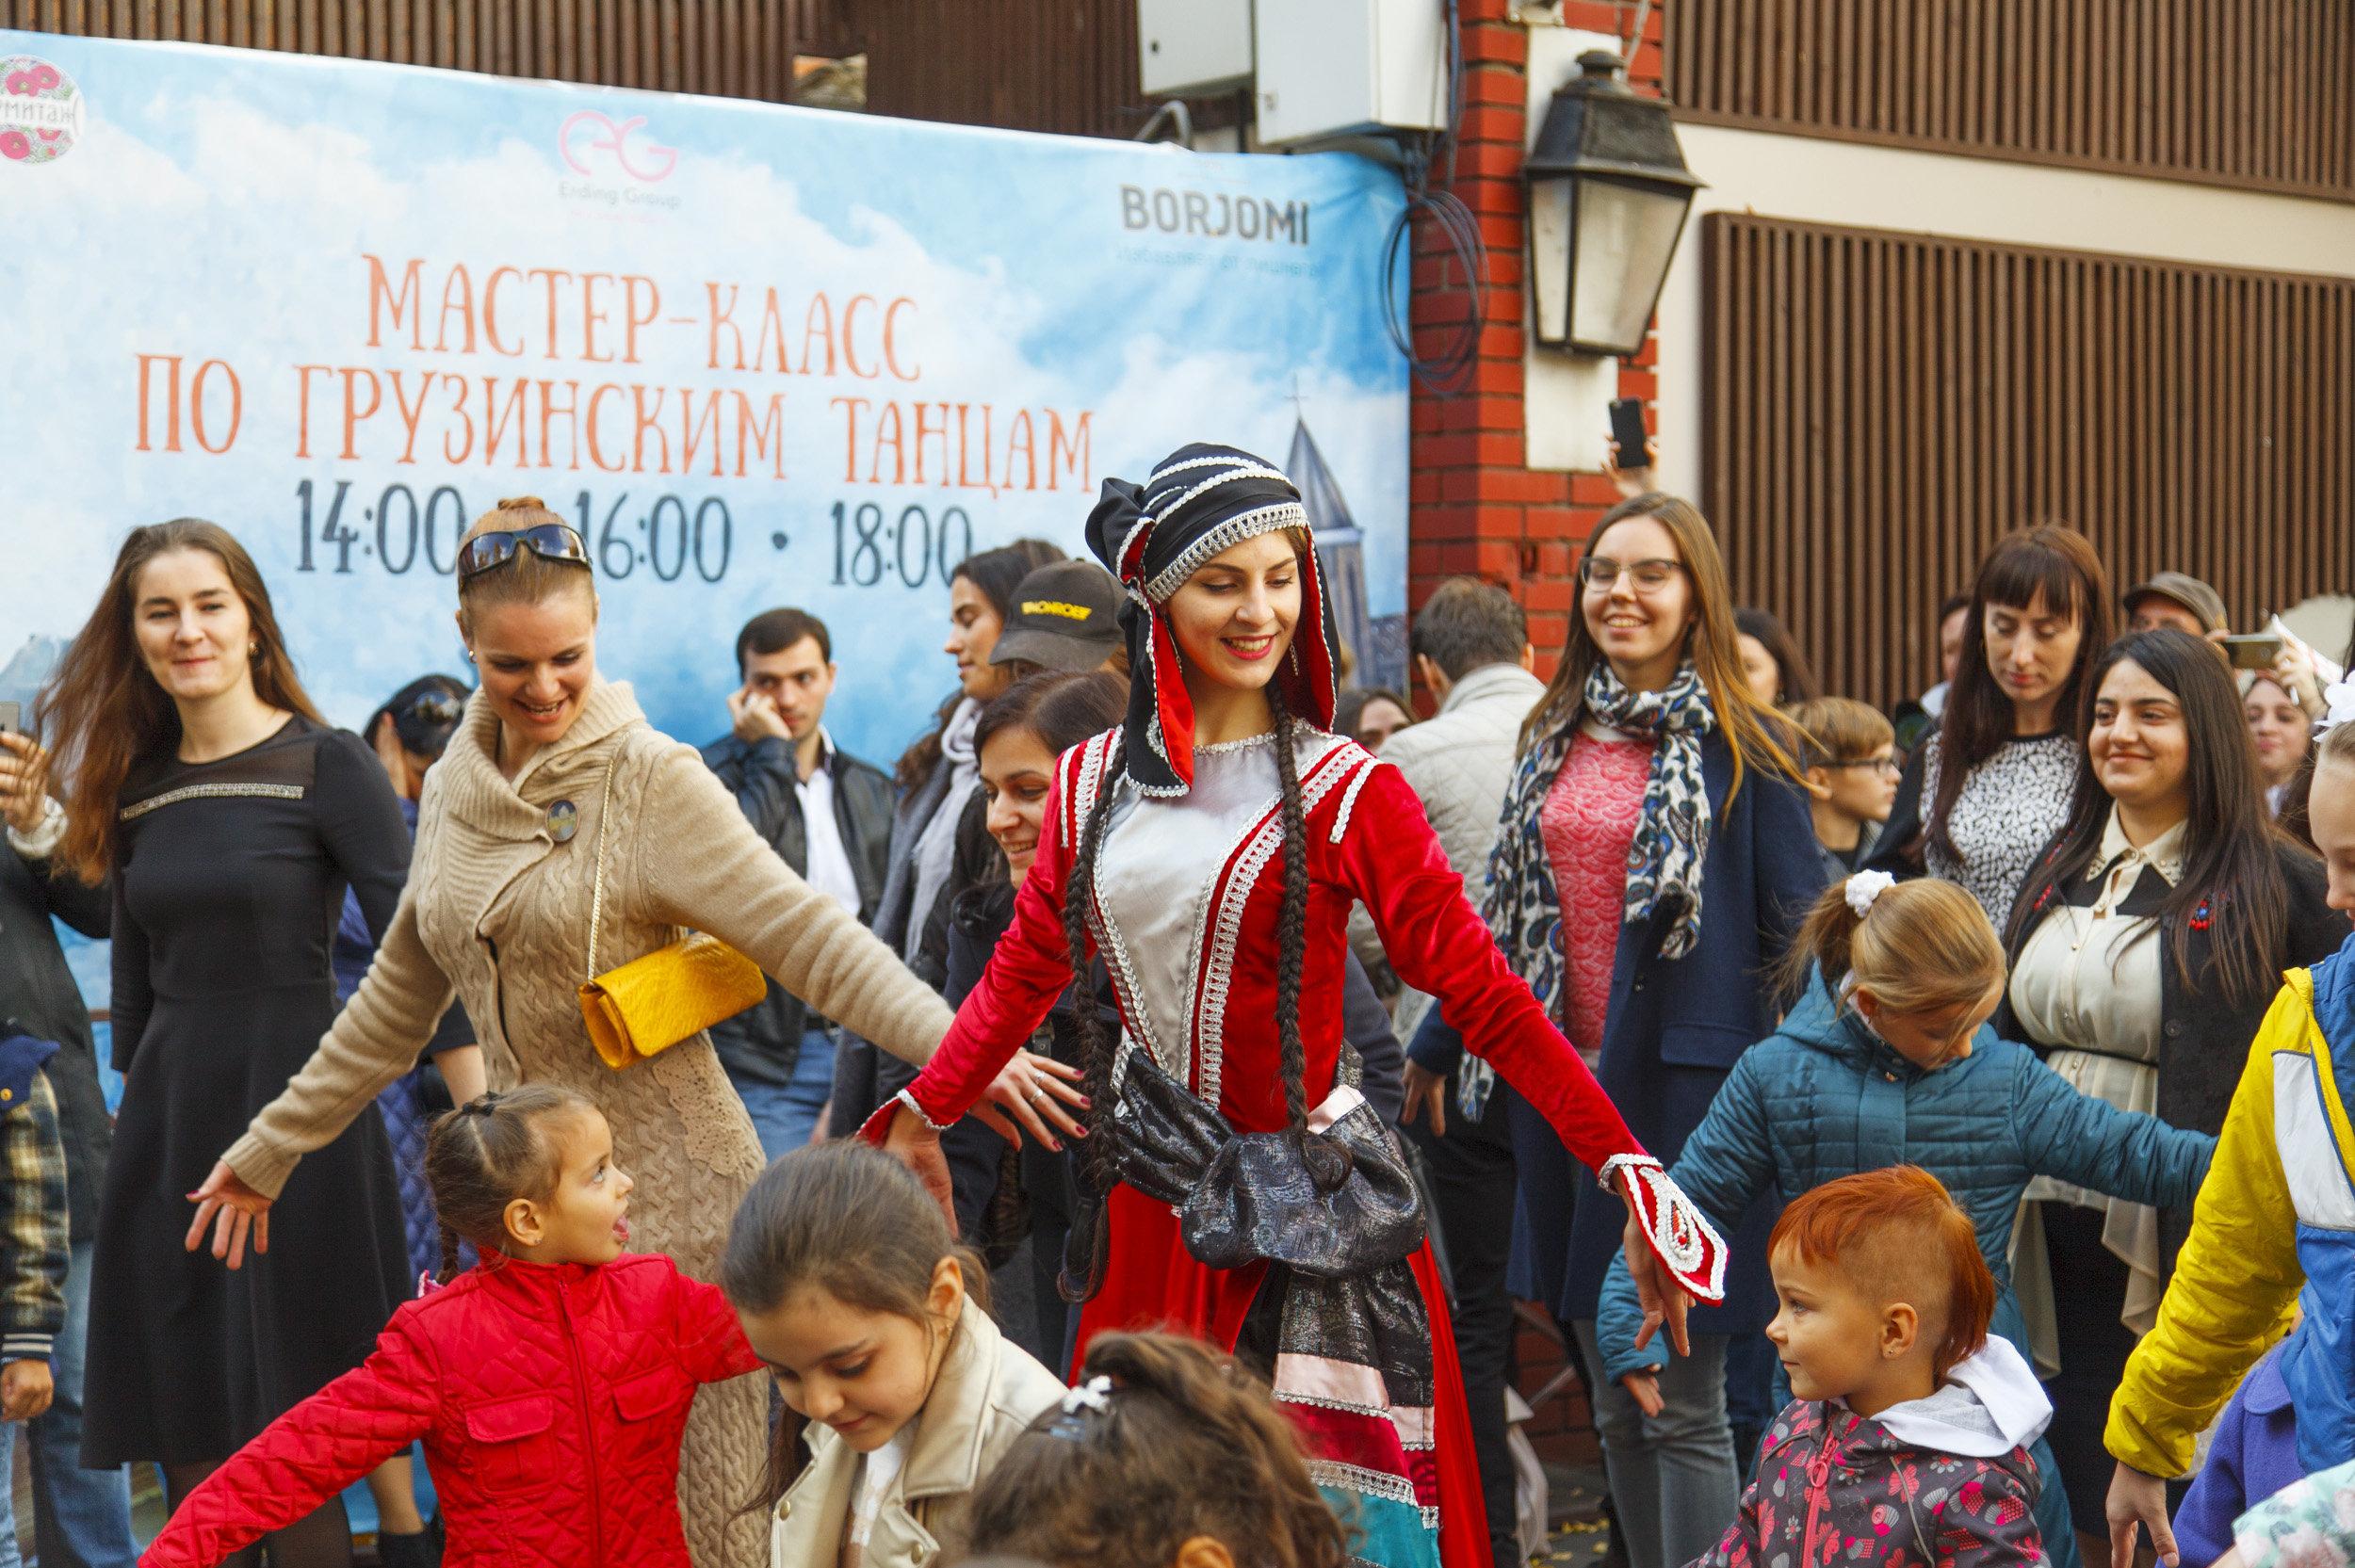 Мастер-класс по грузинским танцам, Тбилисоба в Москве